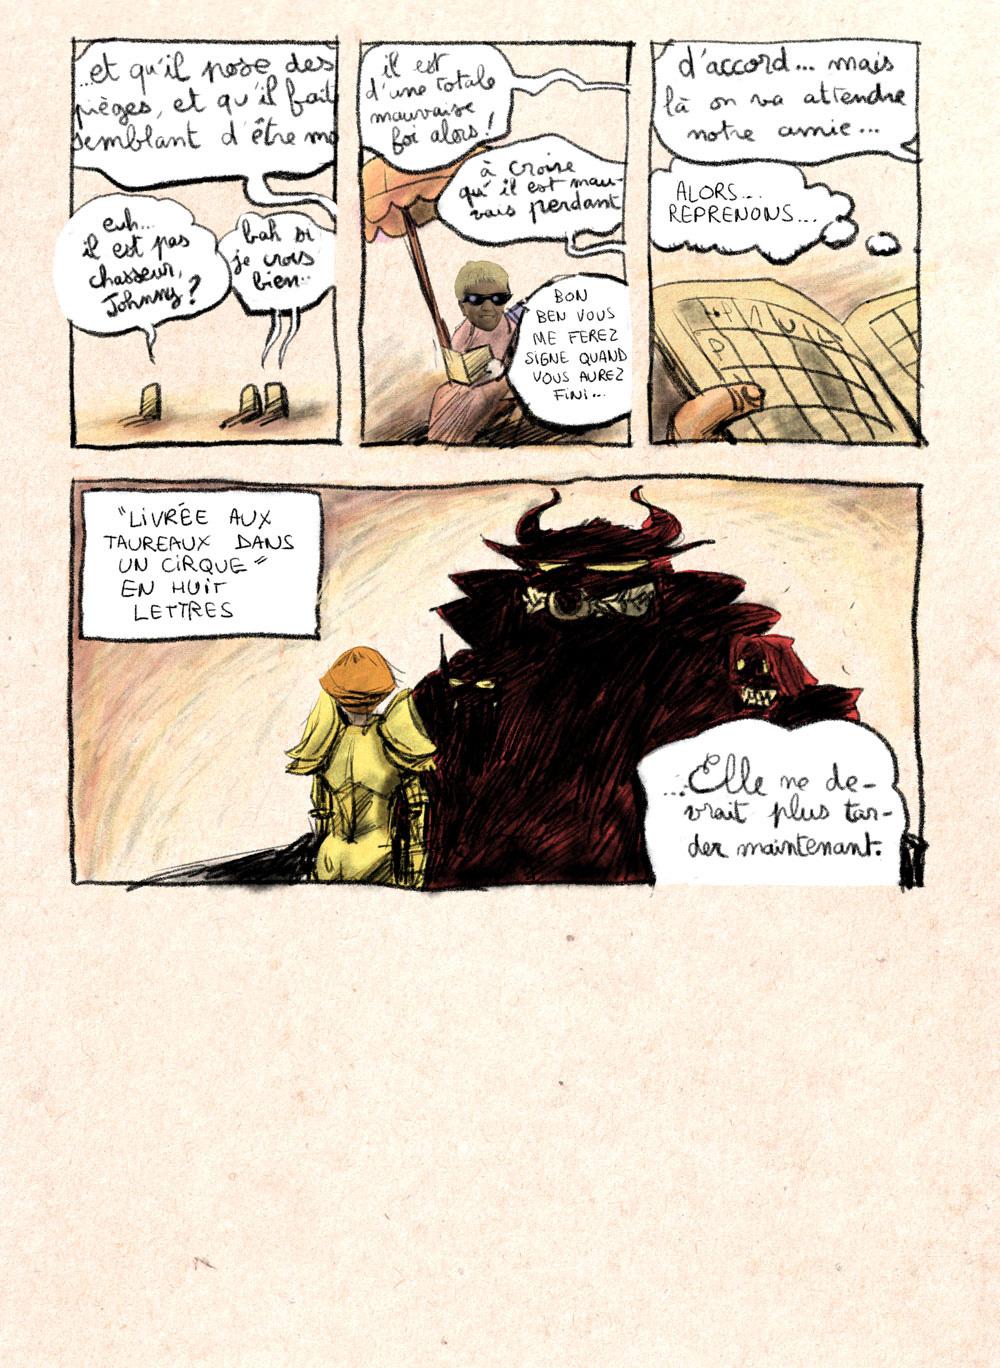 Aventures de Stevostin, tome 1 : La Porte Sombre. Planche 51.